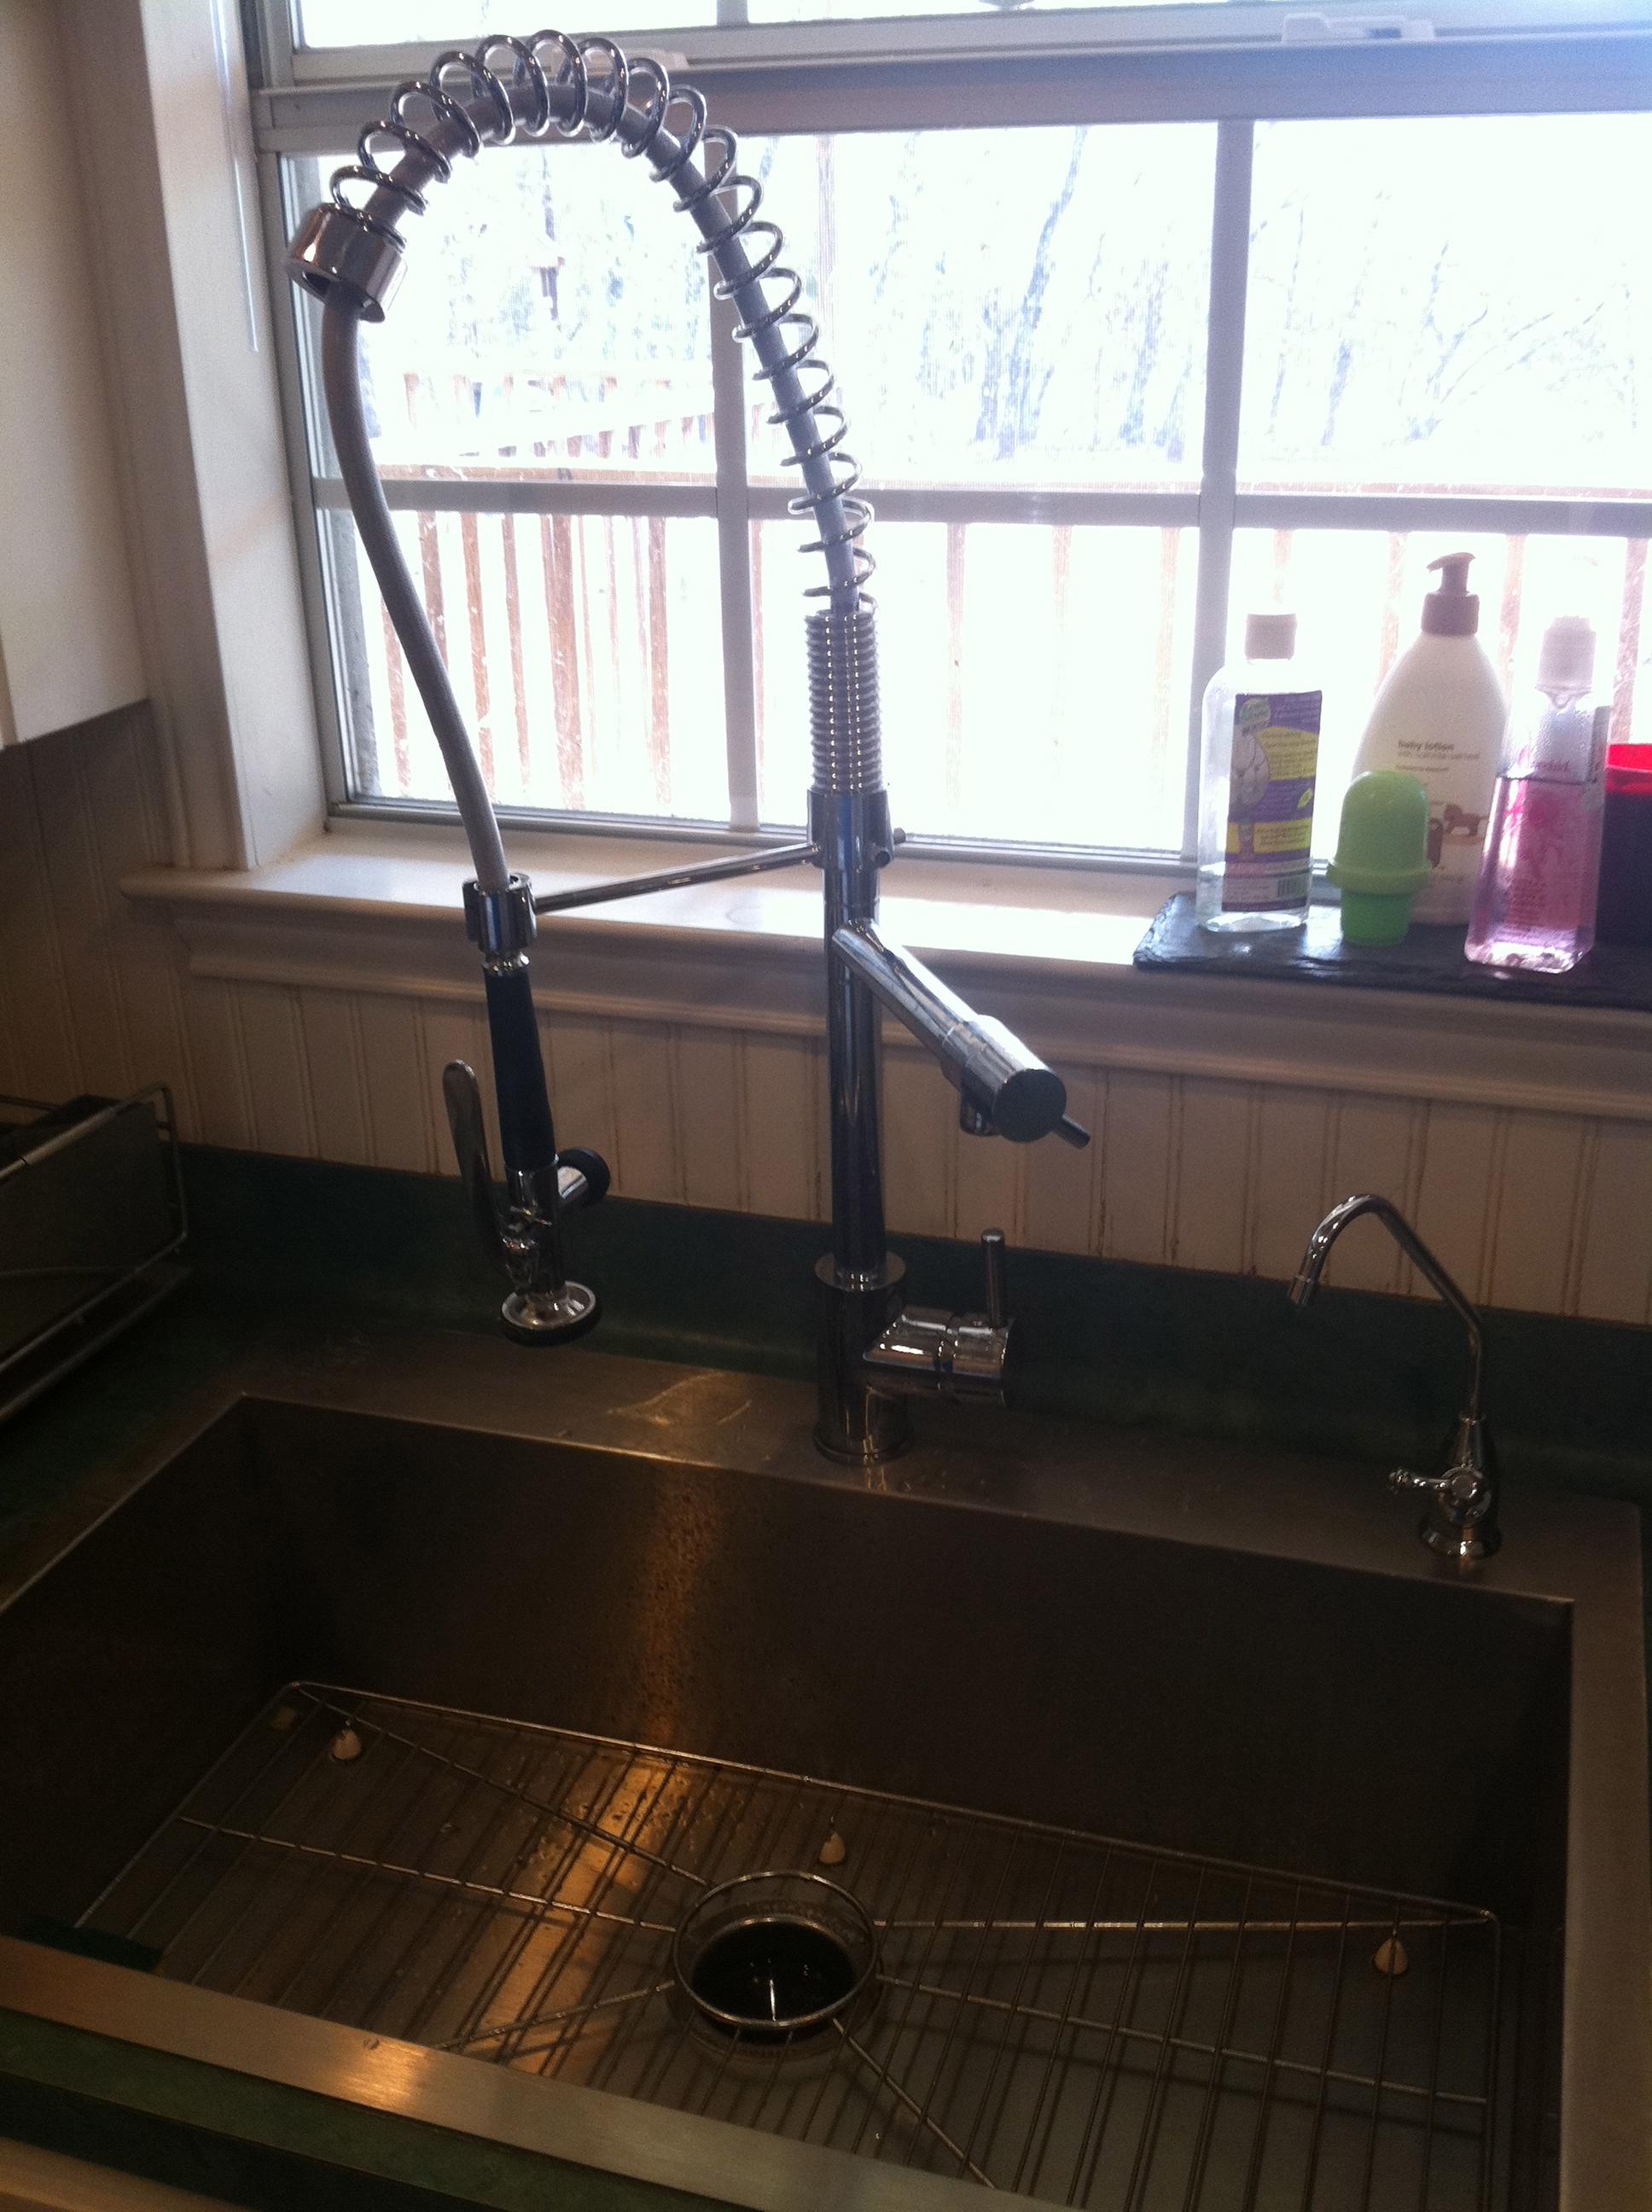 The Kitchen Sink – Ryan Boren